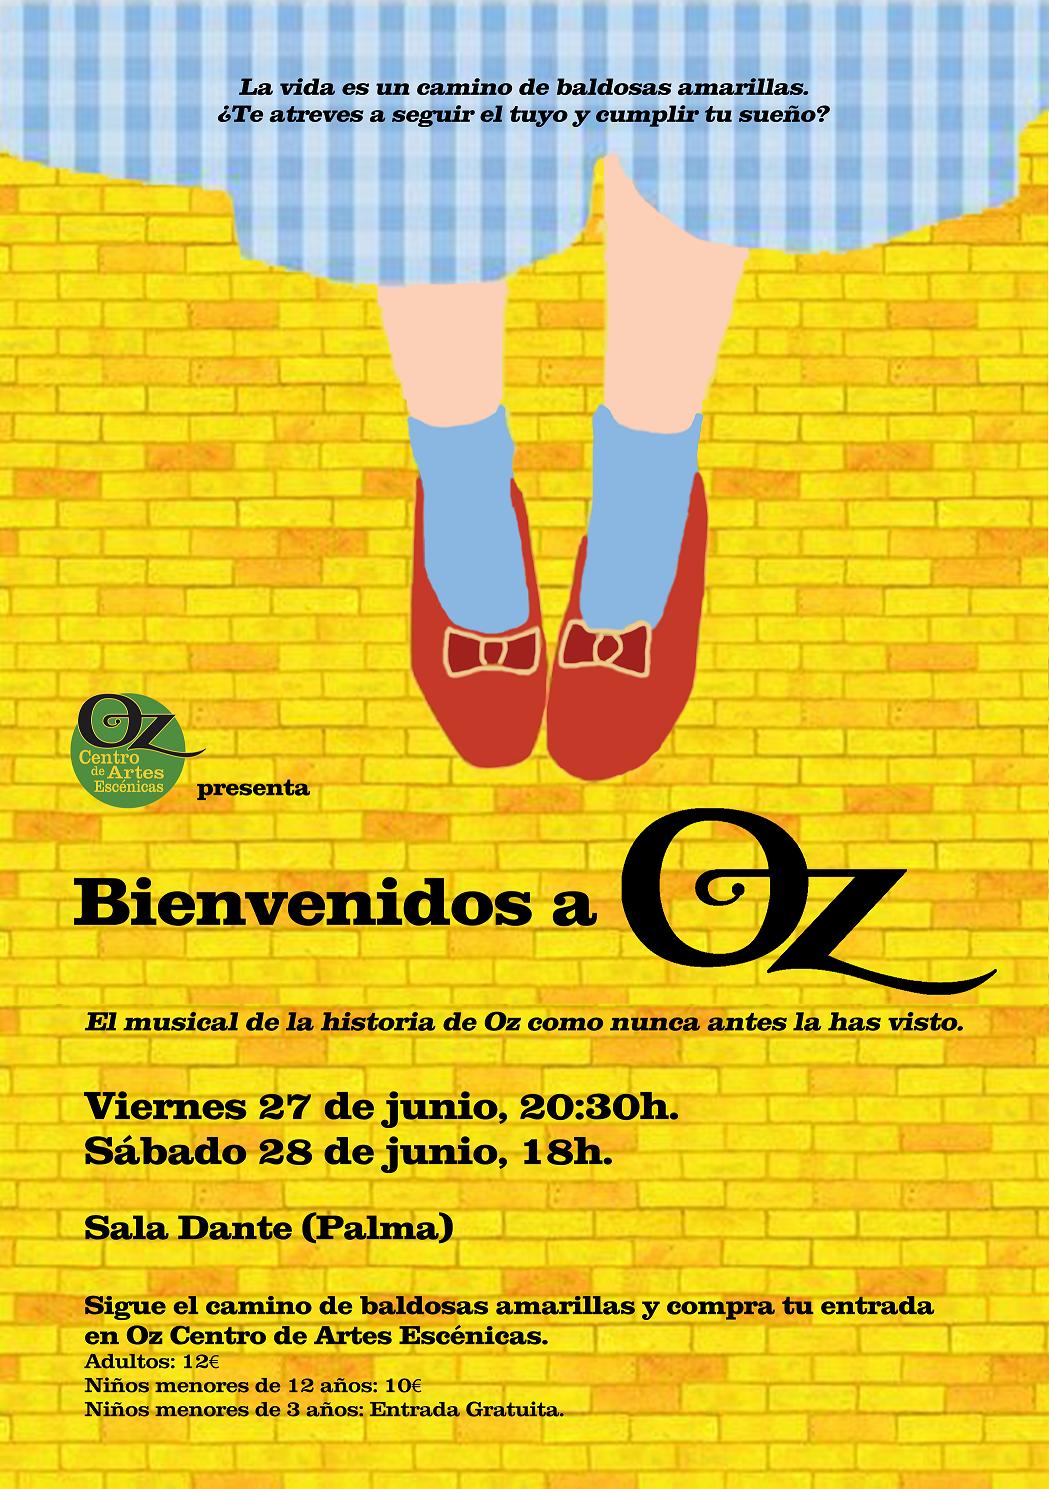 Bienvenidos_a_Oz